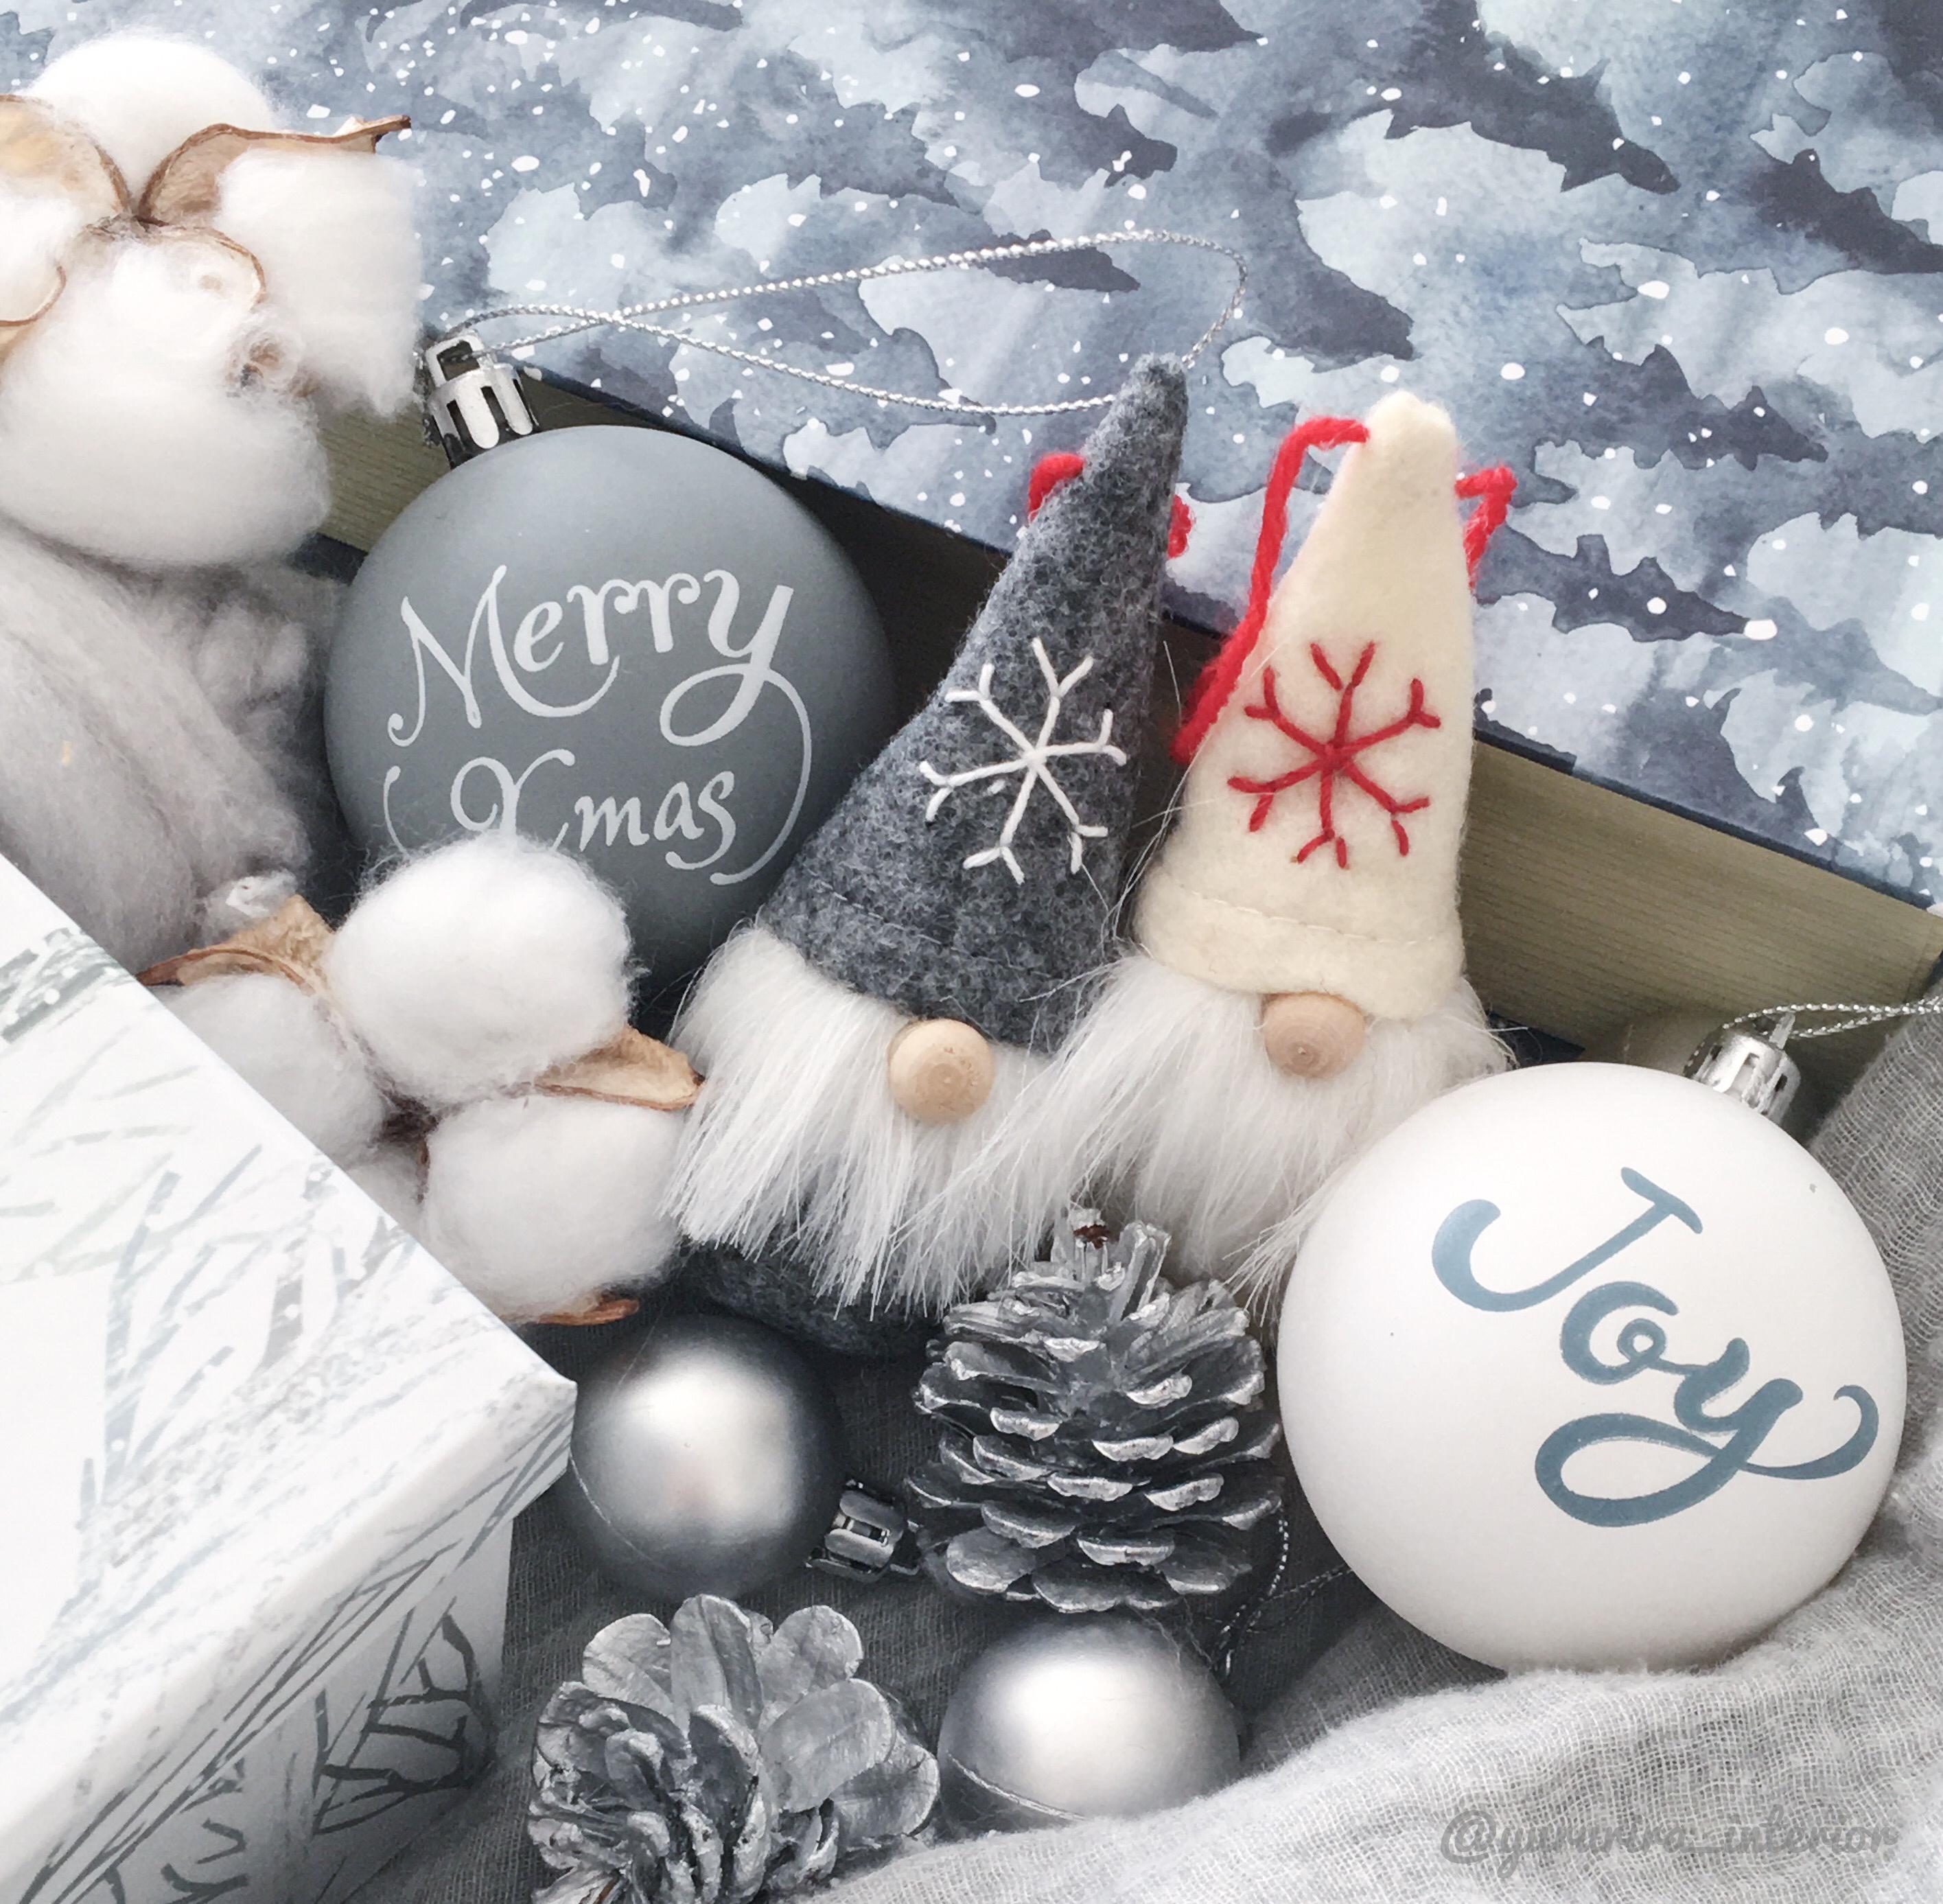 ★セリア★今年も秀逸!モノトーンなクリスマスツリーオーナメント♪